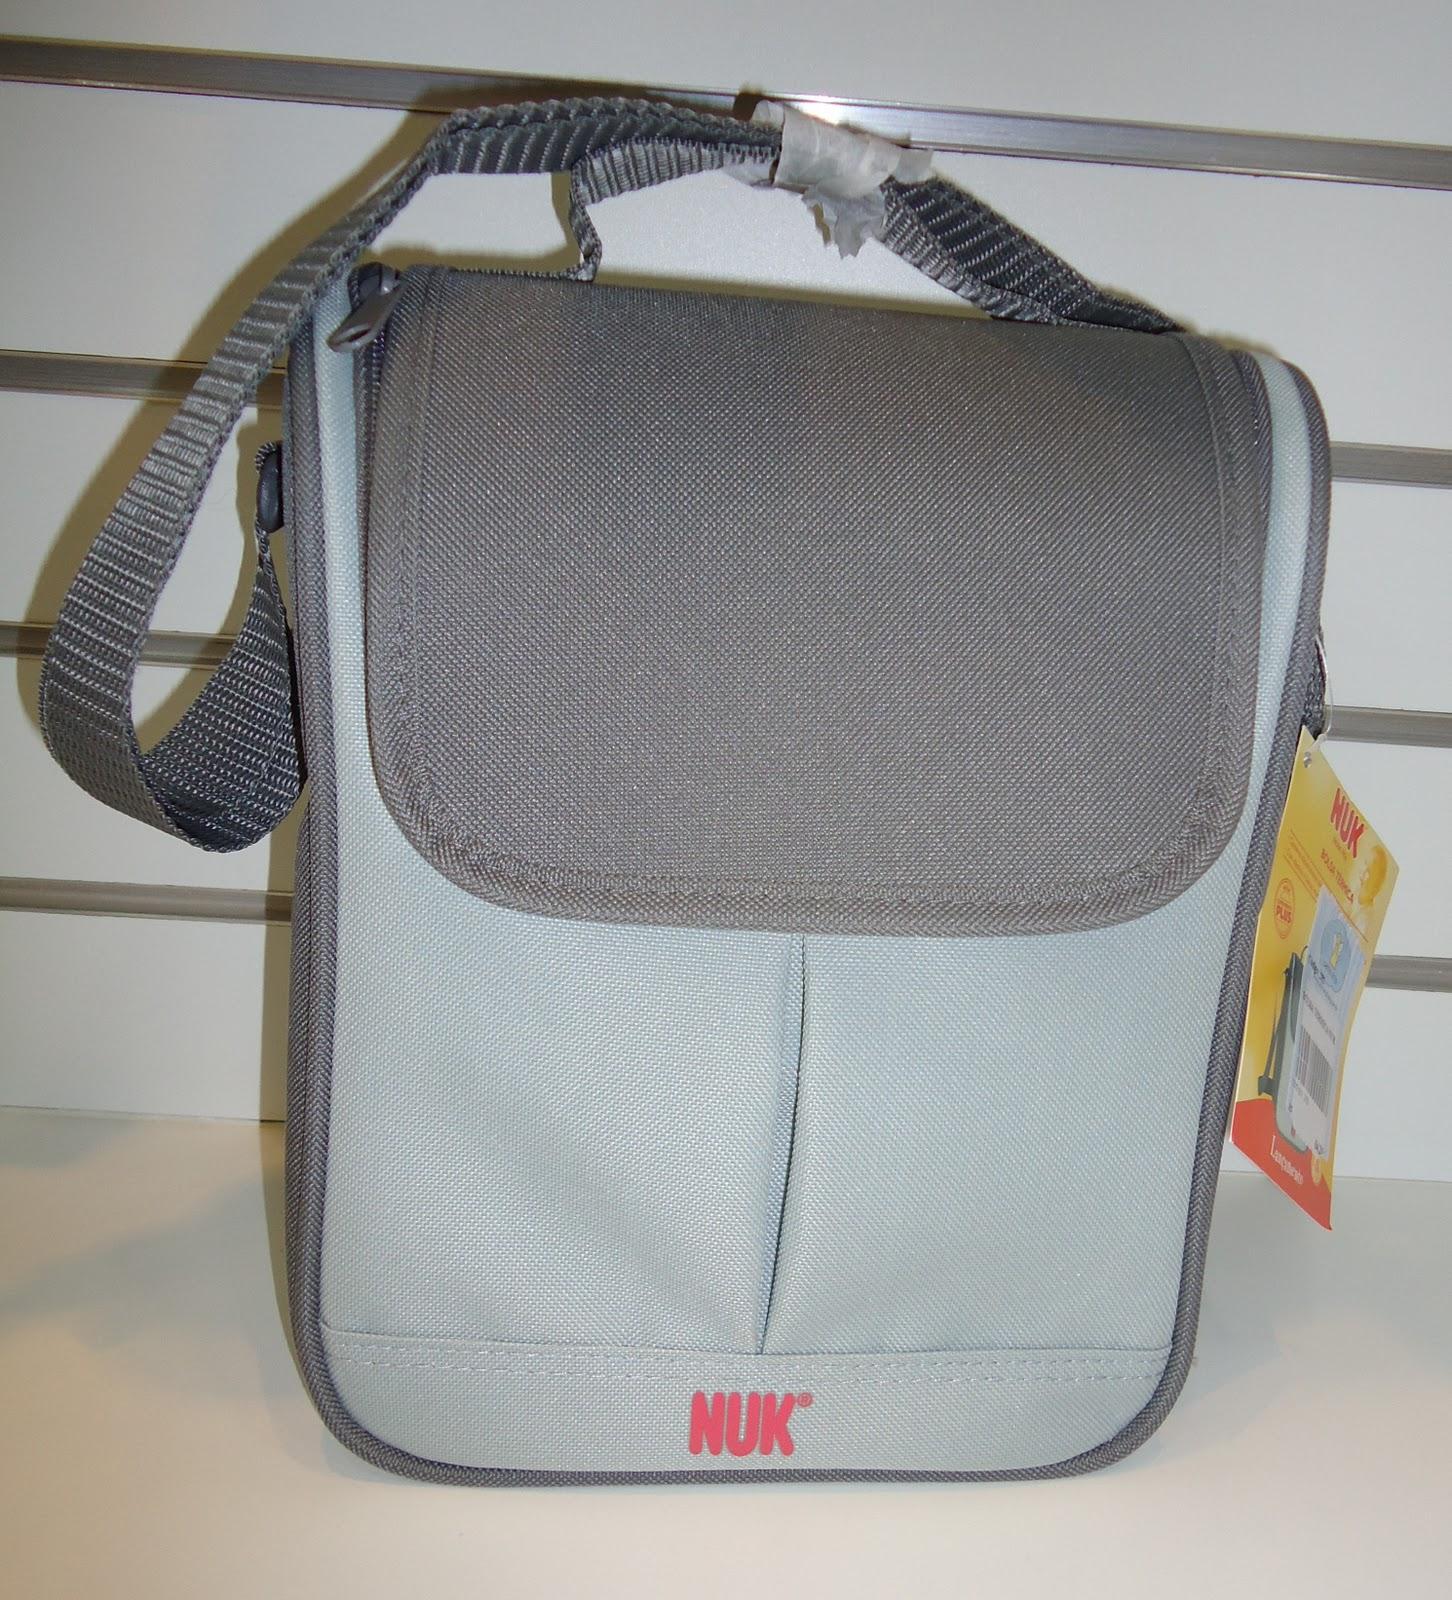 Essa bolsa térmica da Nuk é um item indispensável para as mamães  #7D664E 1452x1600 Banheira Inflavel Banheiro